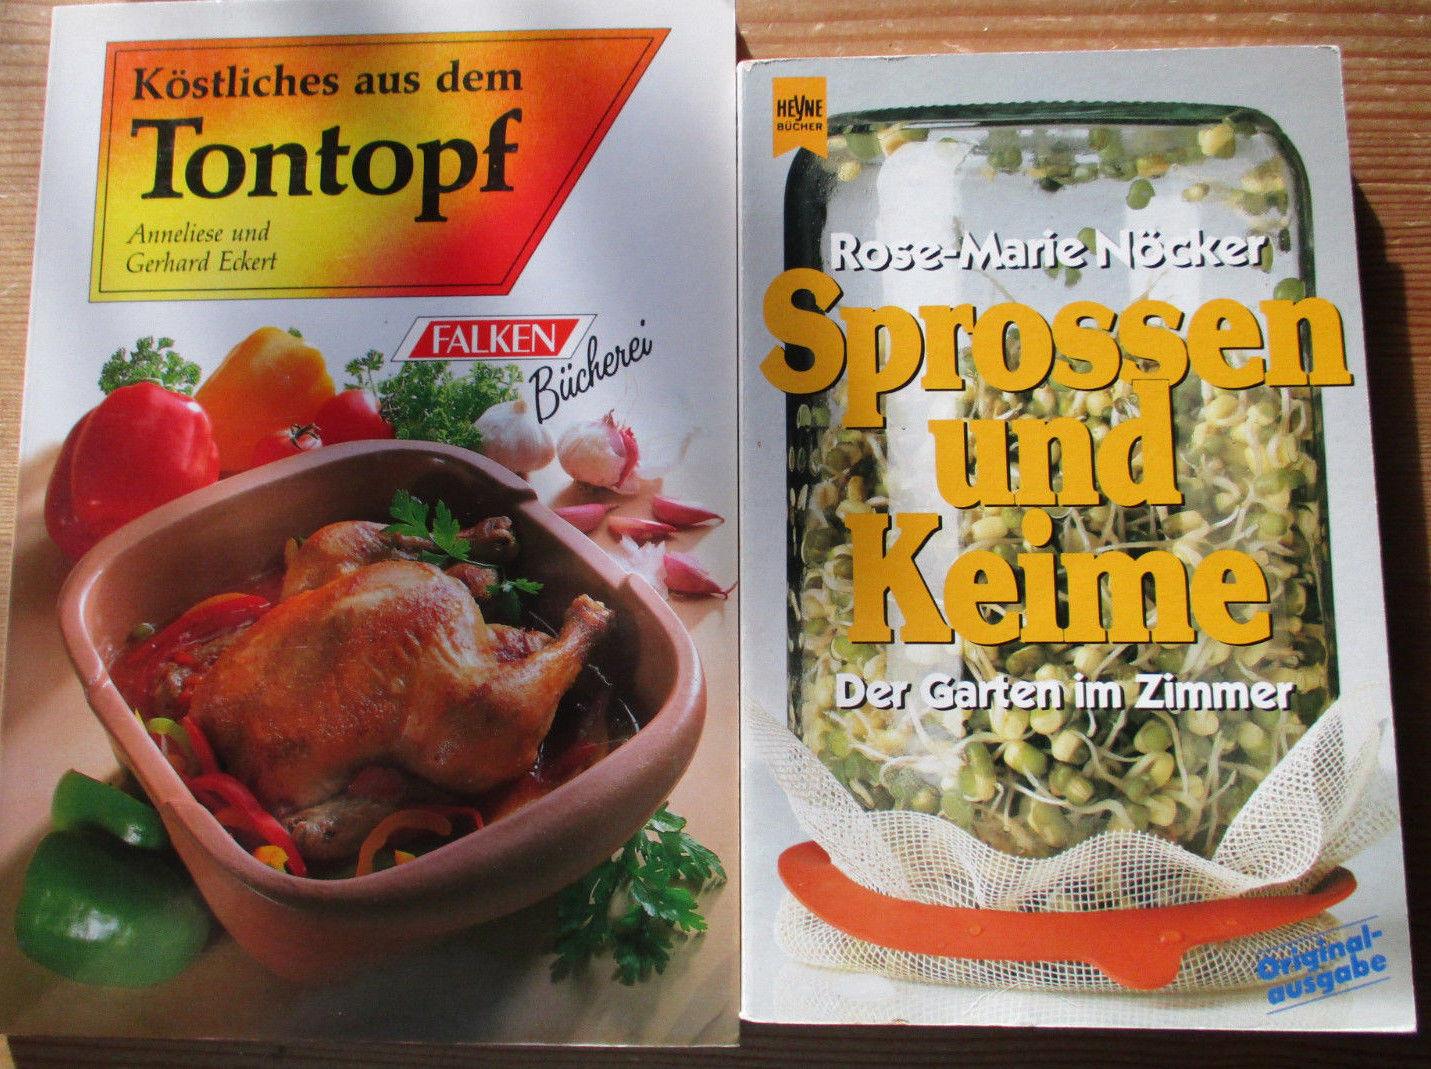 2 Bücher Tontopf & Sprossen und Keime Kochen .s.Bild.